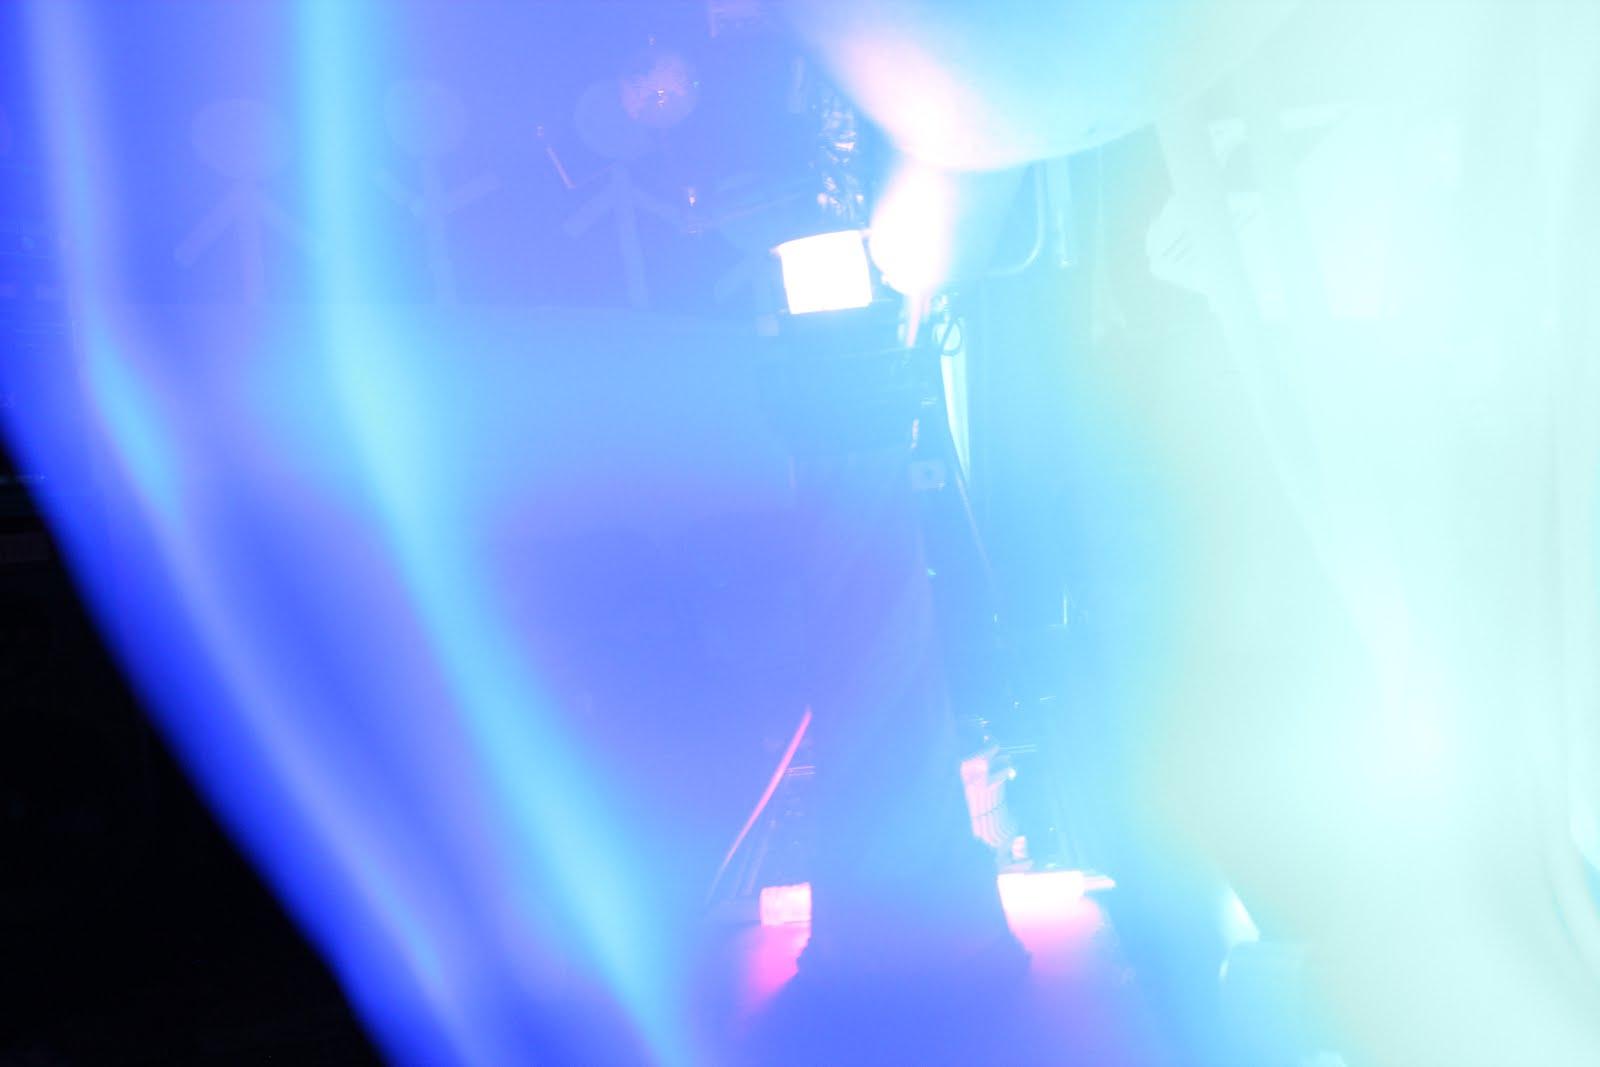 Planetarium in Orbit